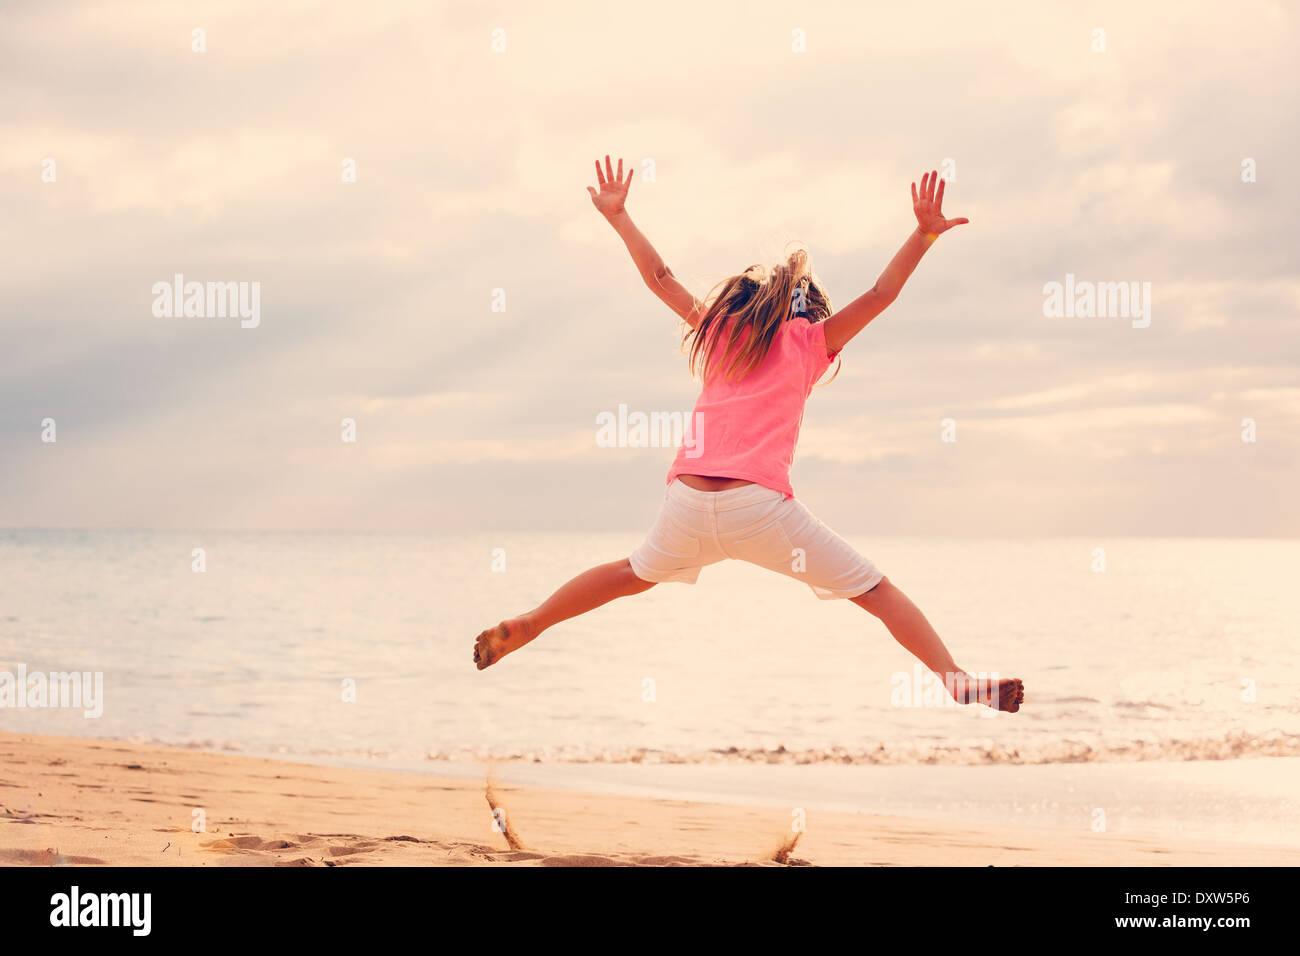 Feliz Joven salta de alegría en la playa en el atardecer. Imagen De Stock